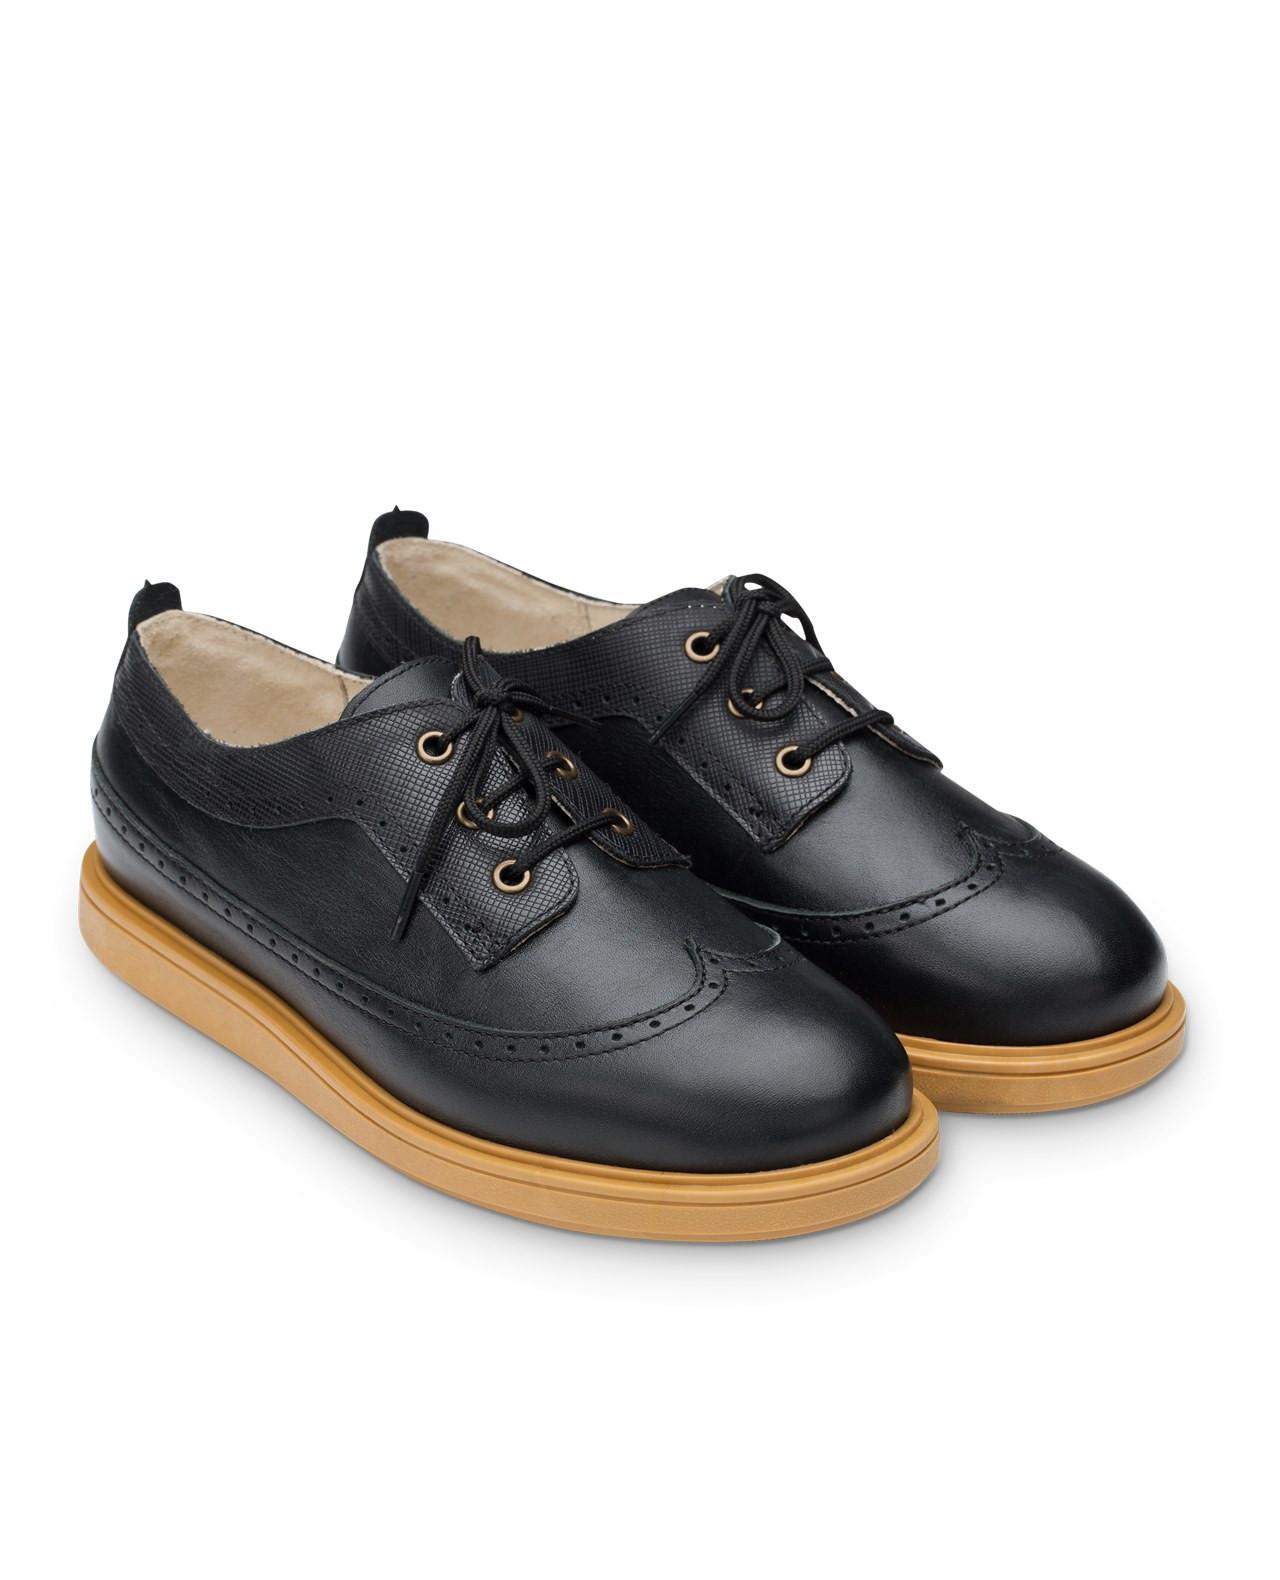 Полуботинки Детские, Tapiboo Твист (44465, 34 )Обувь для школы<br>Классические полуботинки для ежедневной <br>профилактики плоскостопия. Многослойная, <br>анатомическая стелька со сводоподдерживающим <br>элементом для правильного формирования <br>стопы. Благодаря использованию современных <br>внутренних материалов позволяет оптимально <br>распределить нагрузку по всей площади стопы <br>и свести к минимуму ее ударную составляющую. <br>Жесткий фиксирующий задник надежно стабилизирует <br>голеностопный сустав во время ходьбы. Упругая, <br>умеренно-эластичная подошва, имеющая перекат <br>позволяющий повторить естественное движение <br>стопы при ходьбе для правильного распределения <br>нагрузки на опорно-двигательный аппарат <br>ребенка. Подкладка из натуральной кожи <br>обладает мягкостью и природной способностью <br>пропускать воздух для создания оптимального <br>температурного режима (нога не потеет).<br>Размер INT: M; Цвет: Красный; Ширина: 100; Высота: 200; Вес: 1000;